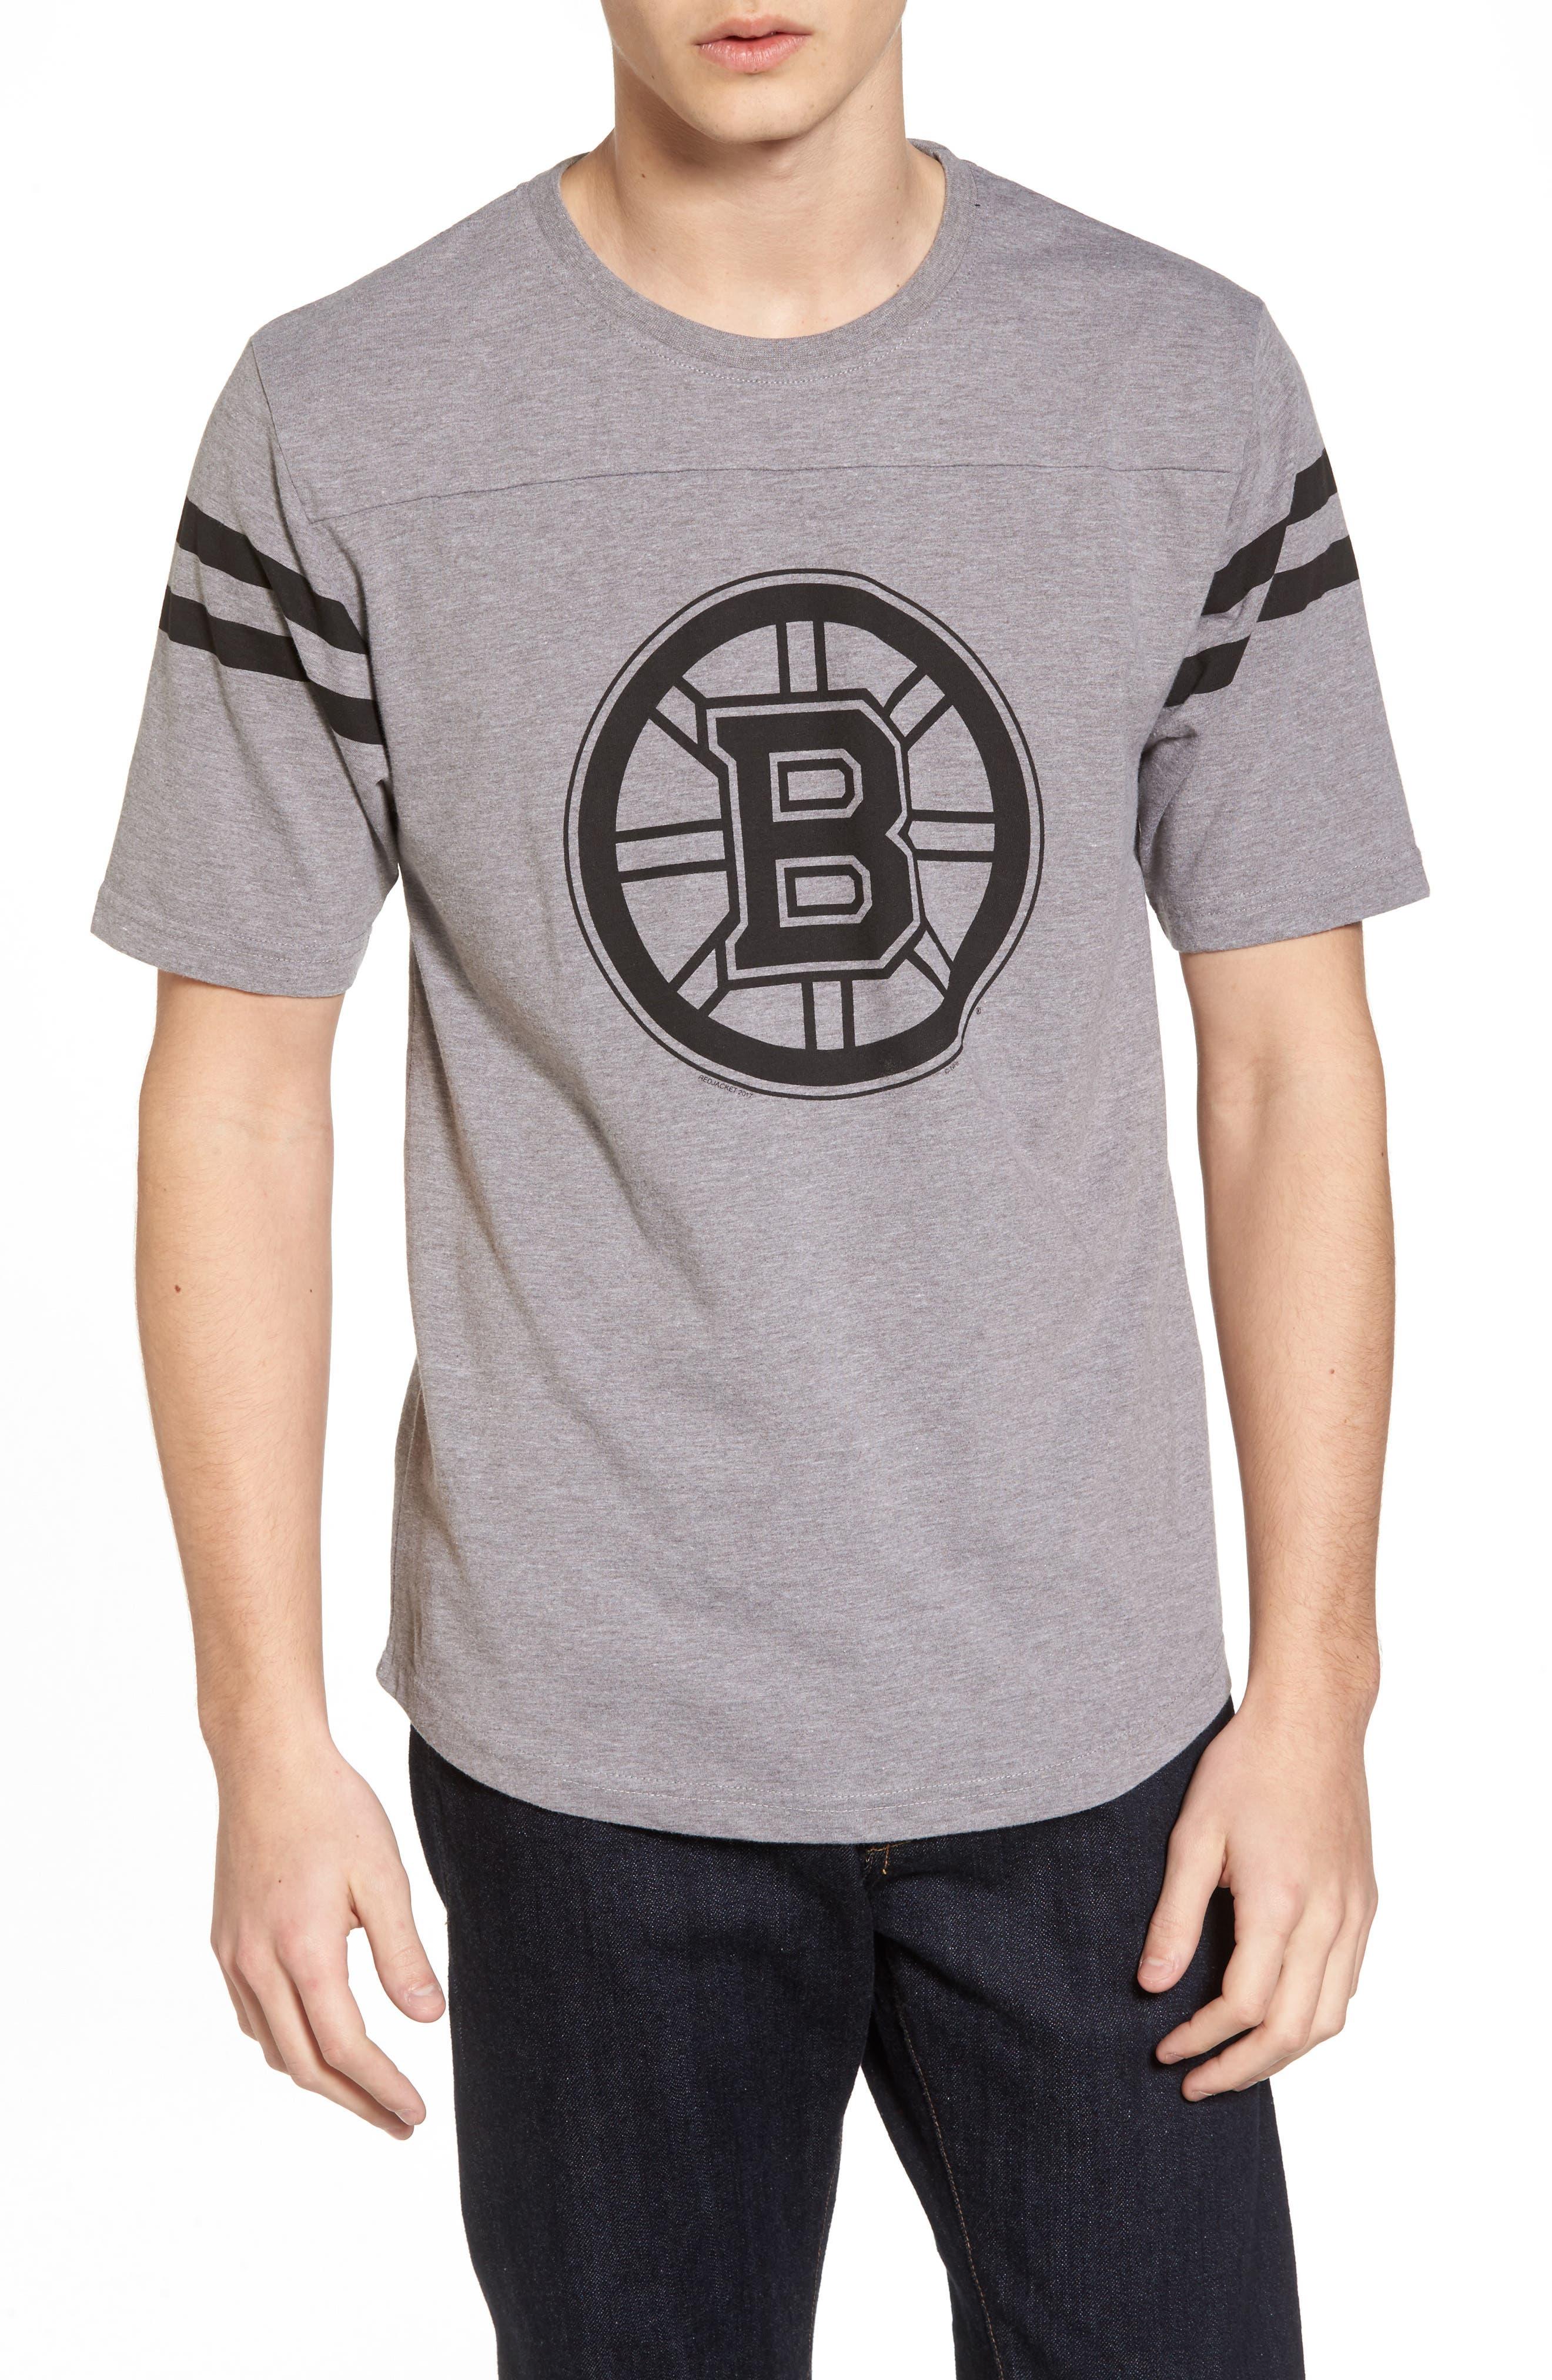 Crosby Boston Bruins T-Shirt,                             Main thumbnail 1, color,